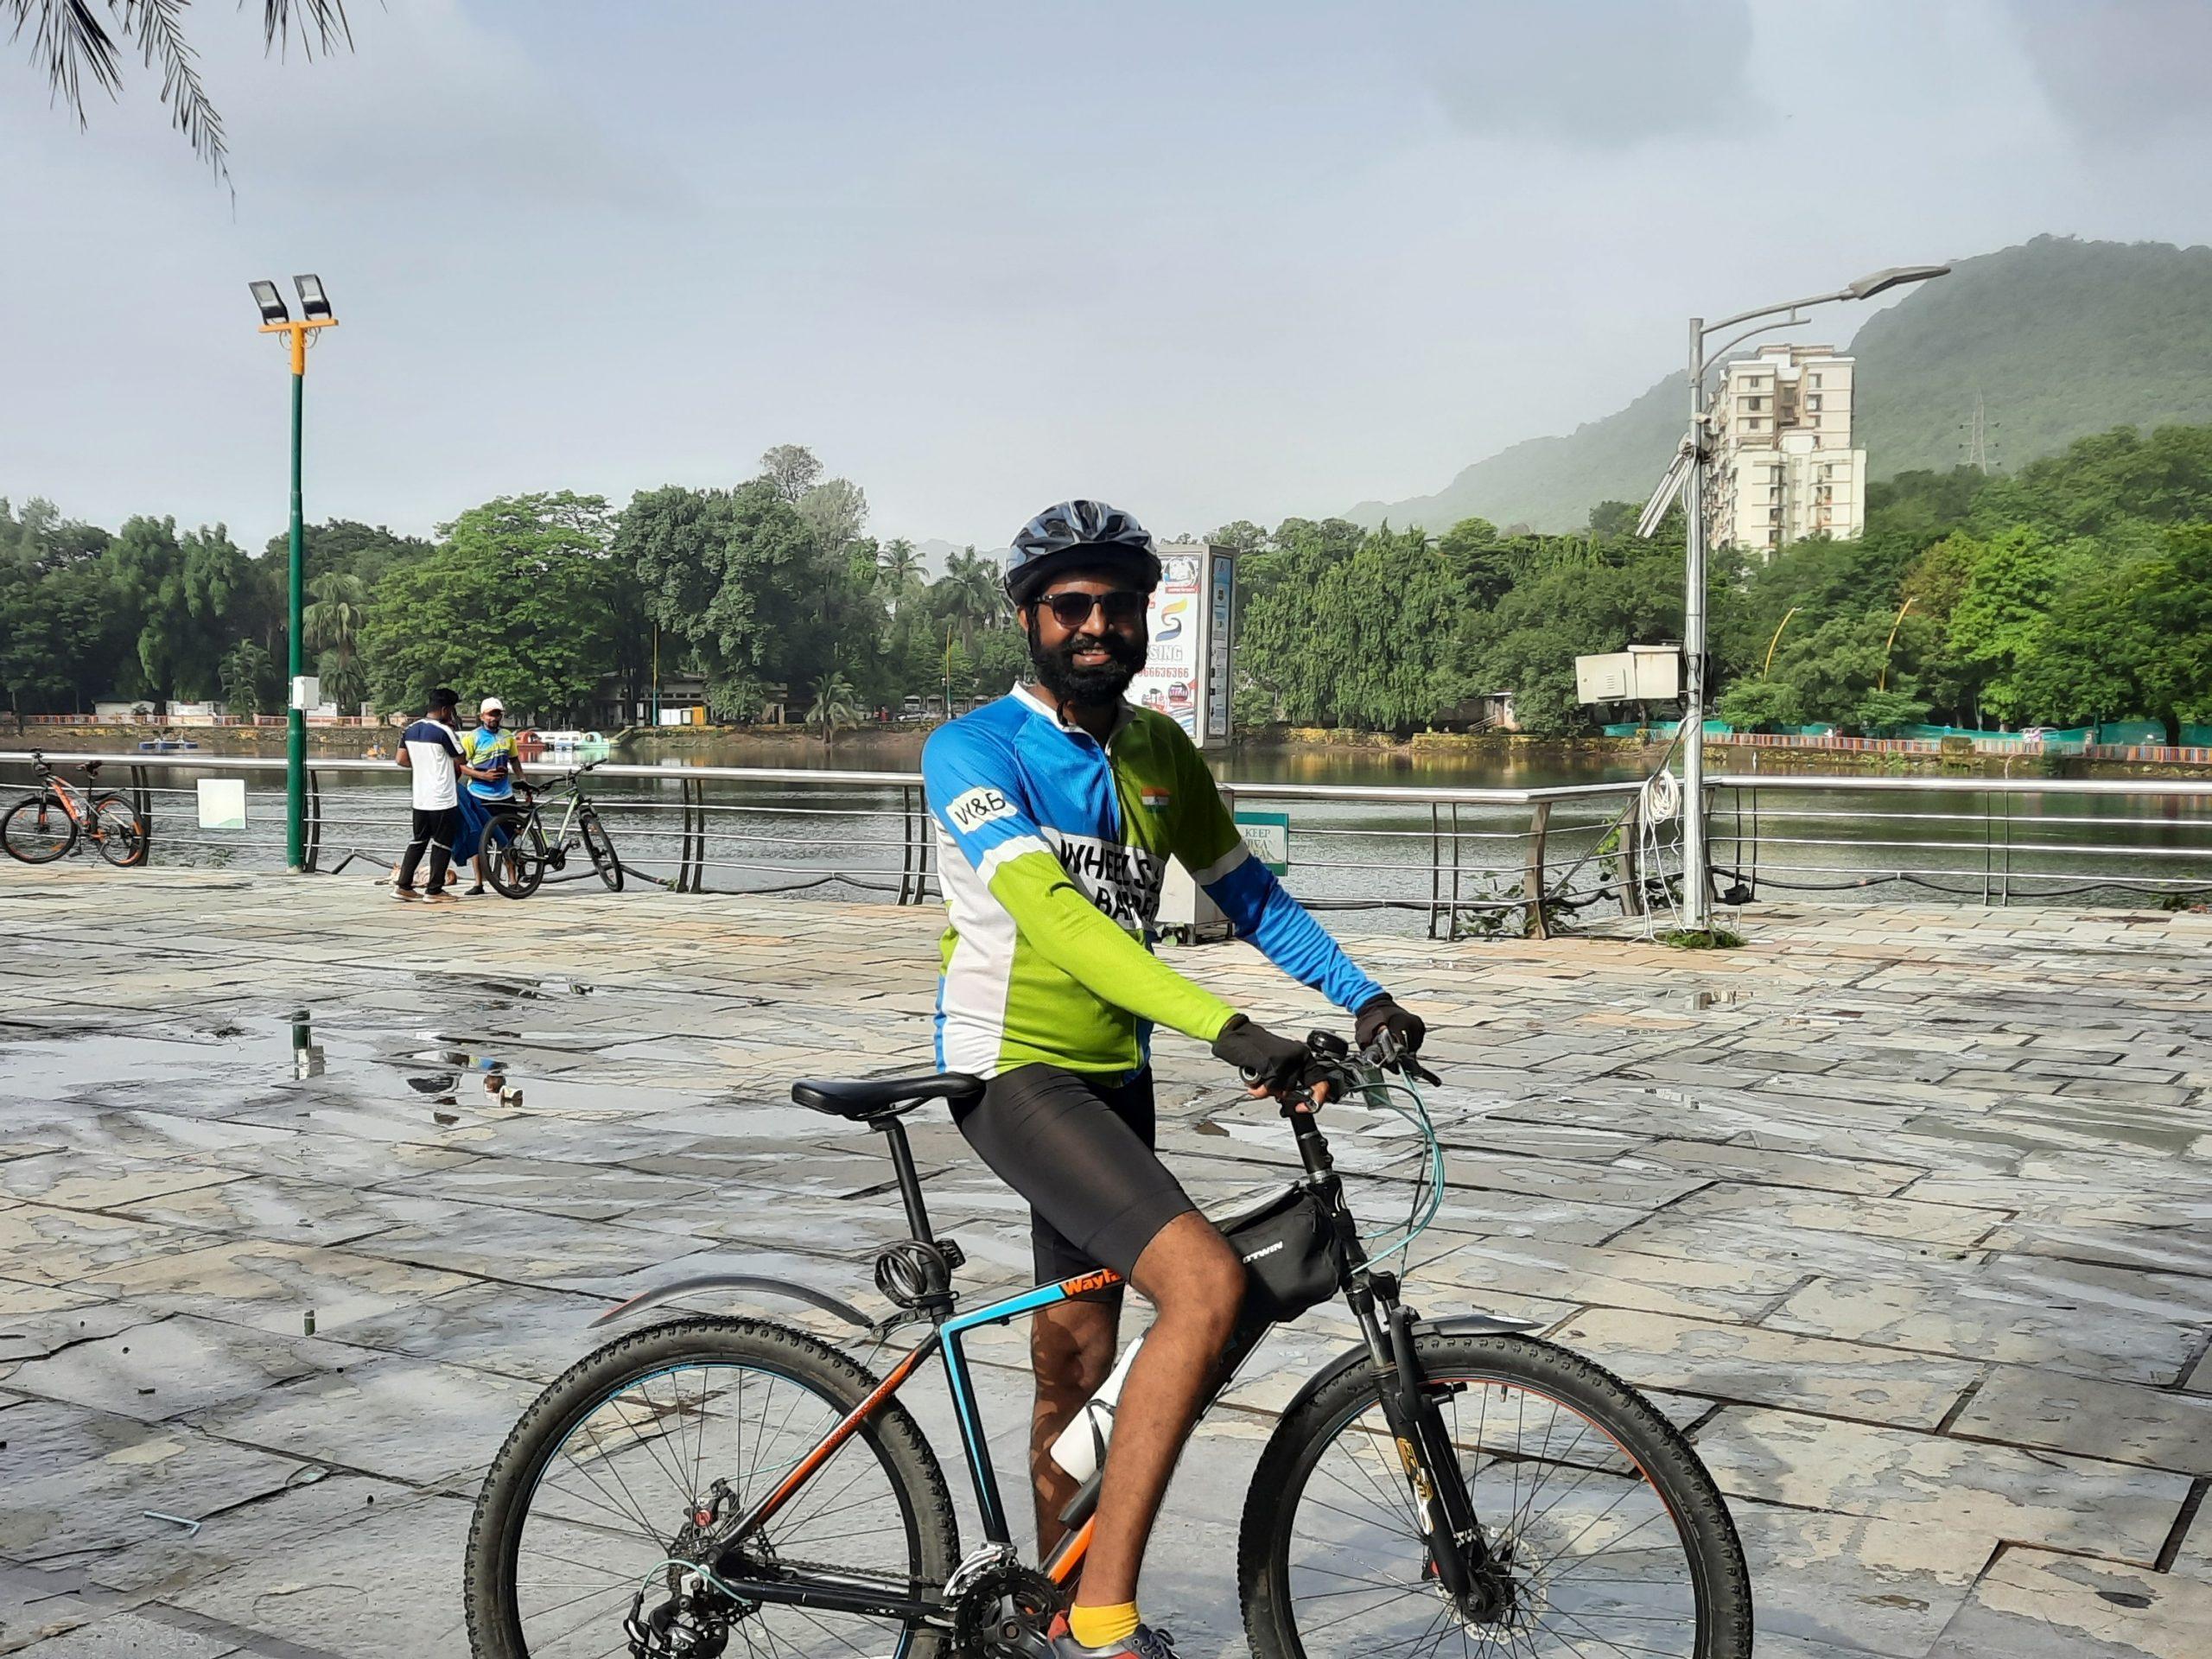 Bicycle Mayor of Thane